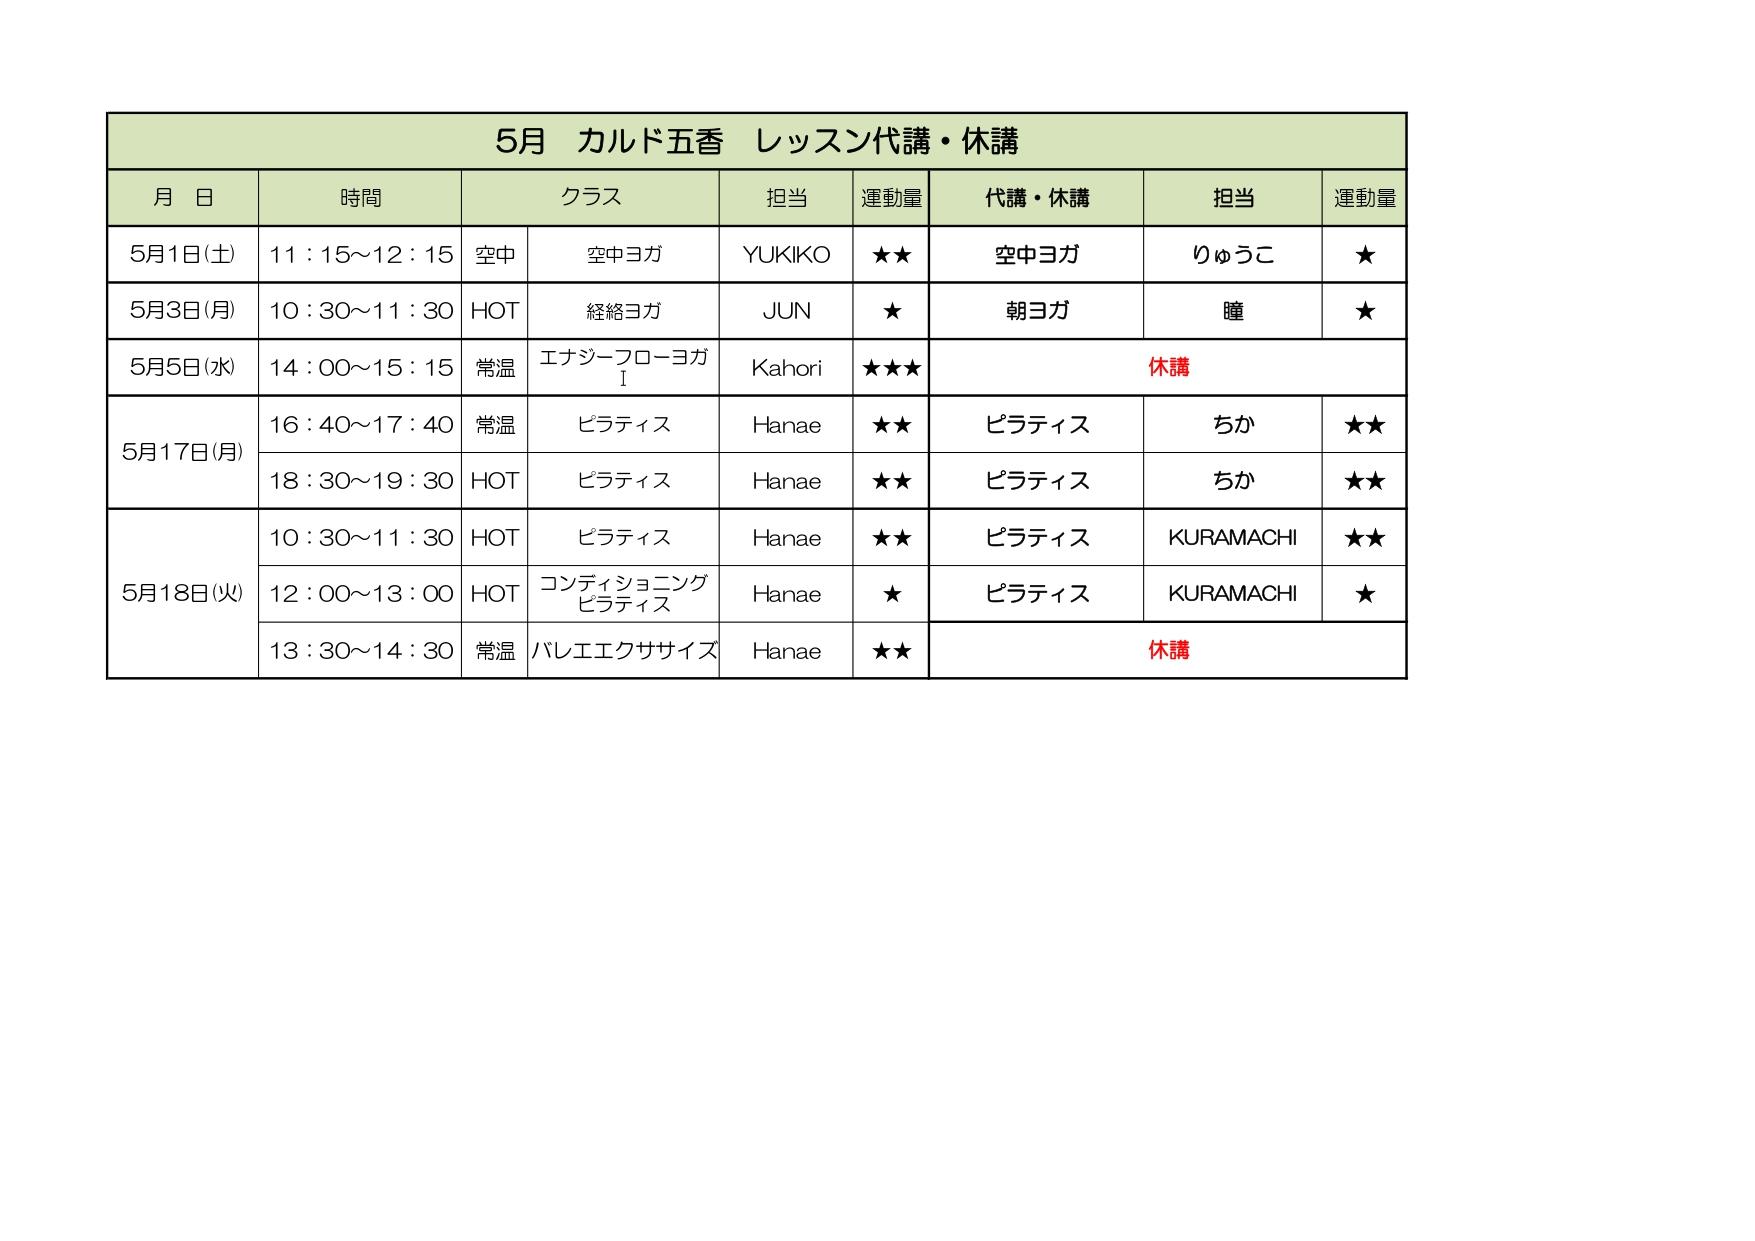 2021年代講5月五香スケジュール(HP用)_page-0001